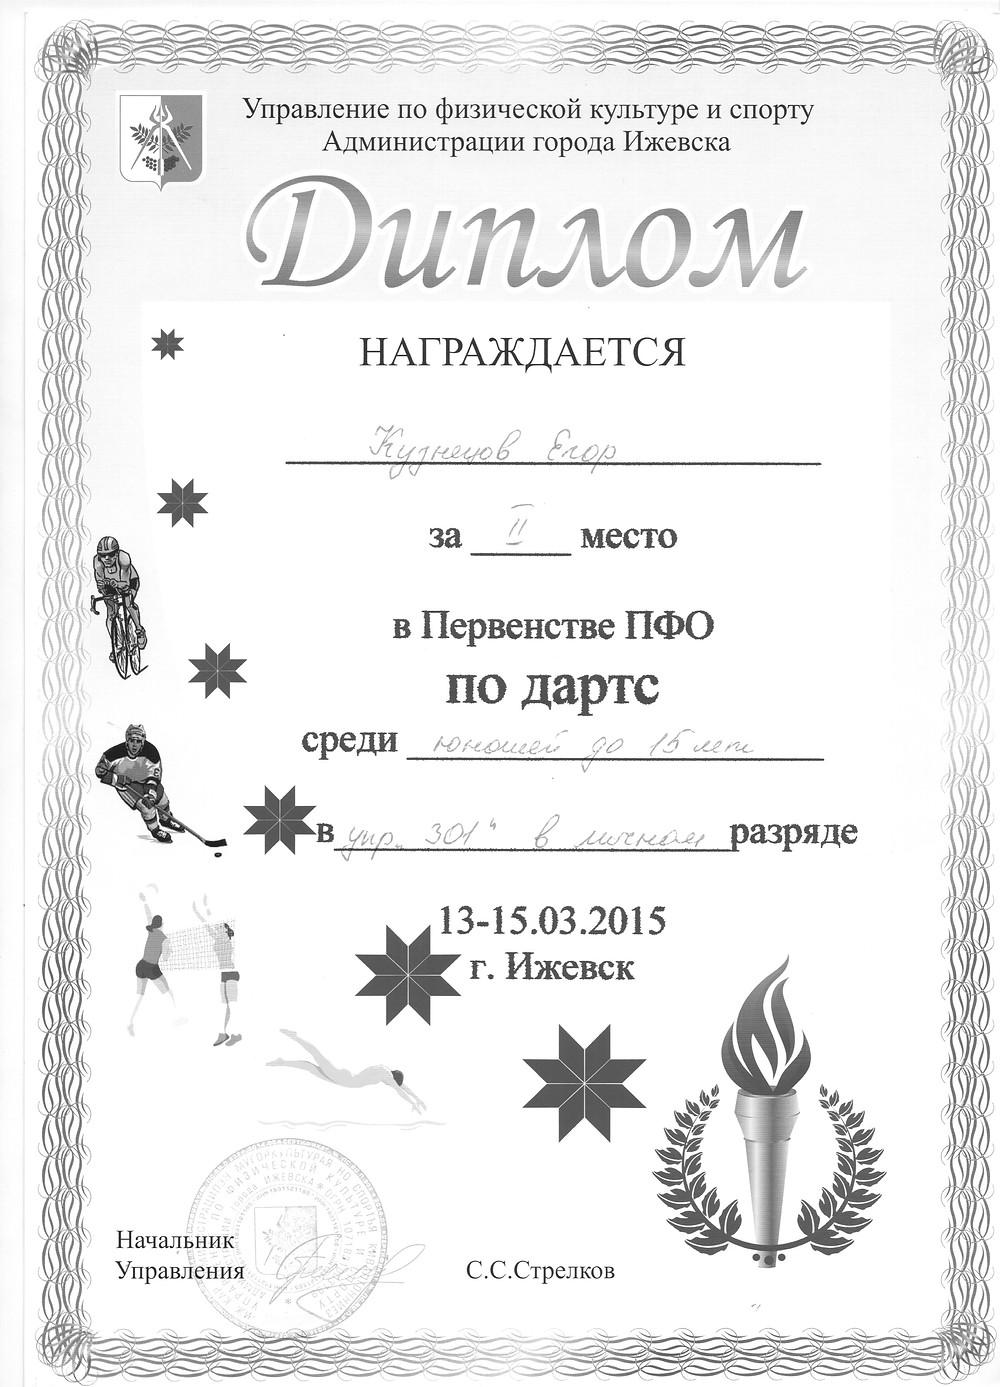 Кузнецов Егор 2 личное.jpg